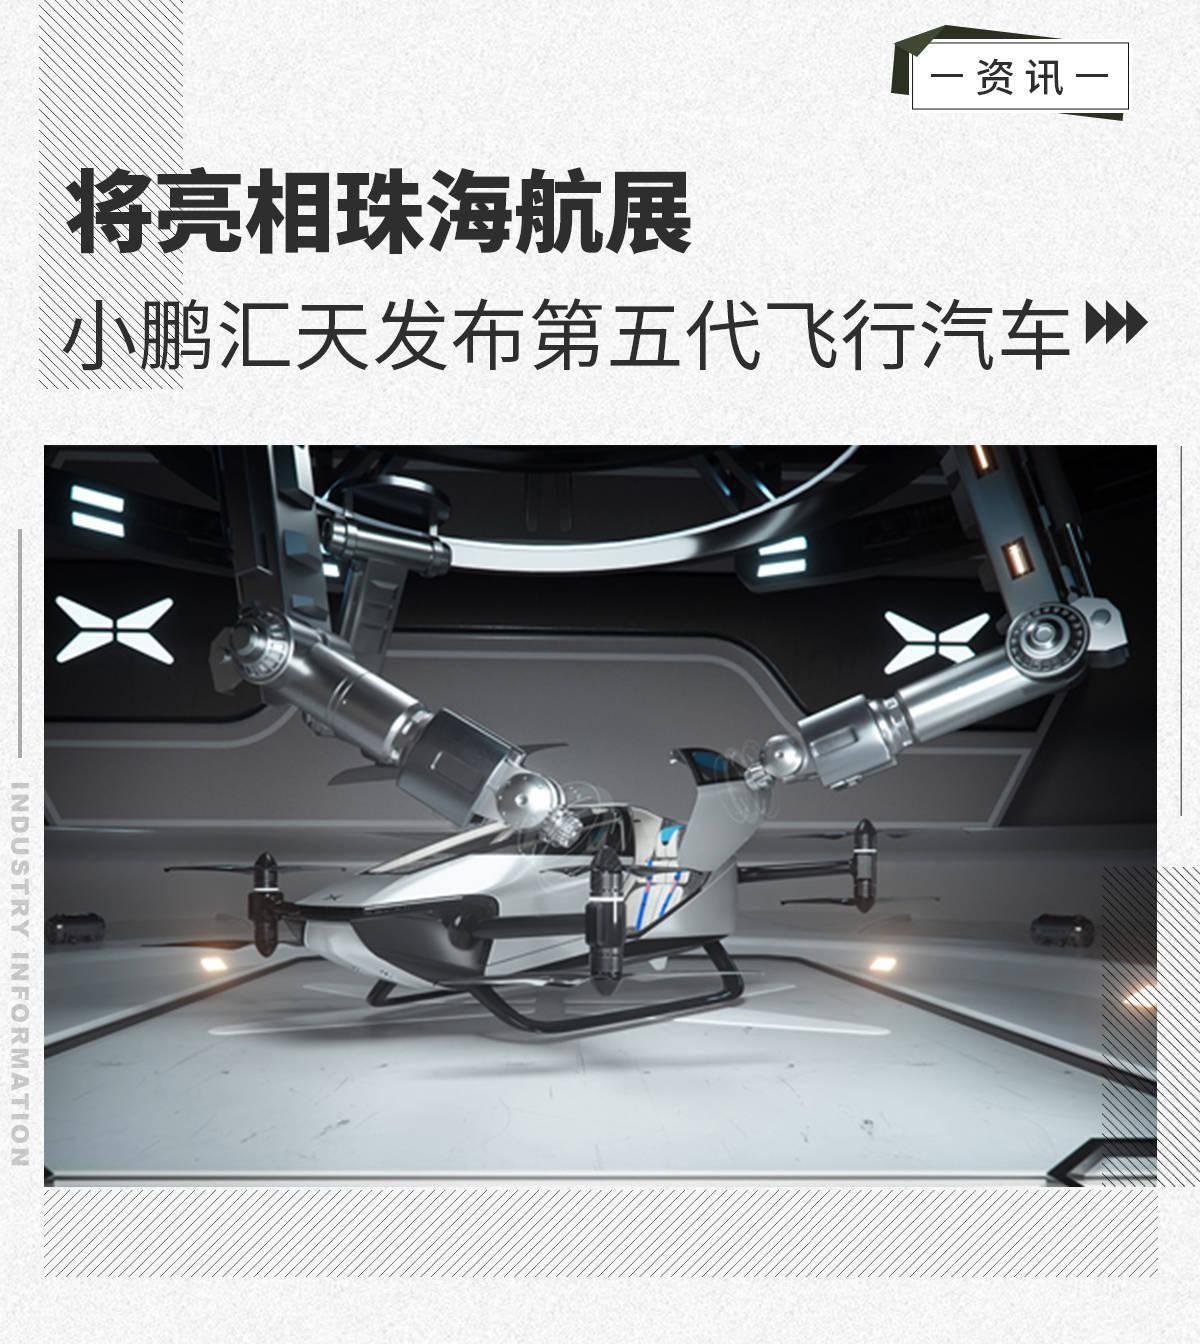 小鹏汇天发布第五代飞行汽车 将亮相珠海航展